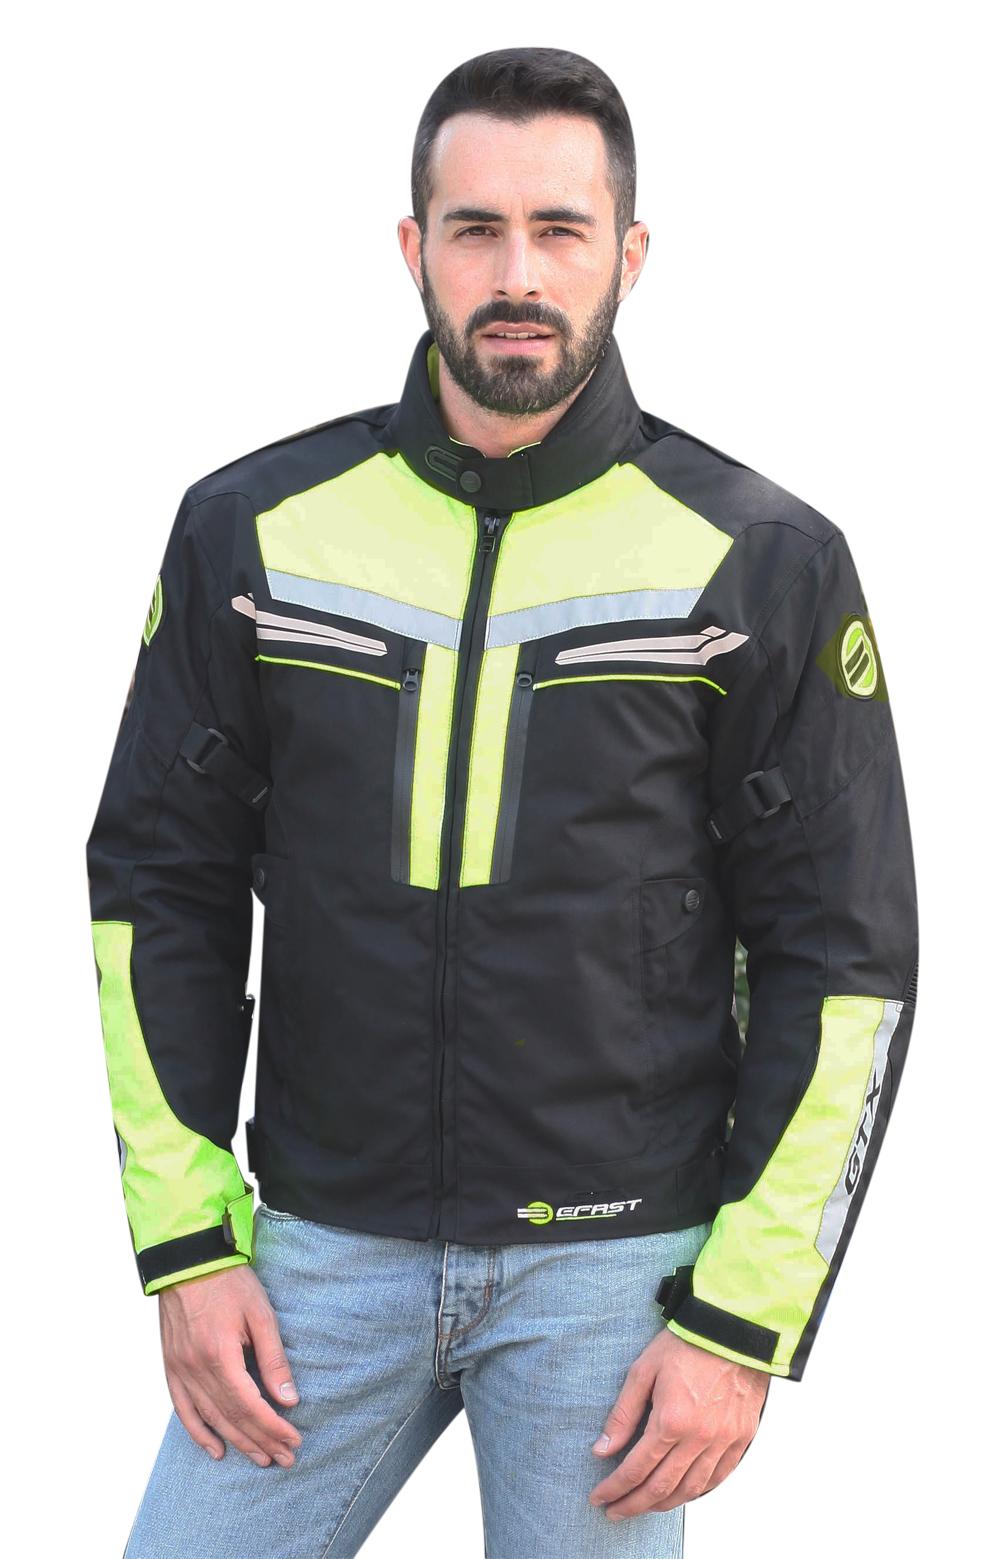 Giubbotto moto Befast GTX Evo Touring Nero Giallo fluo